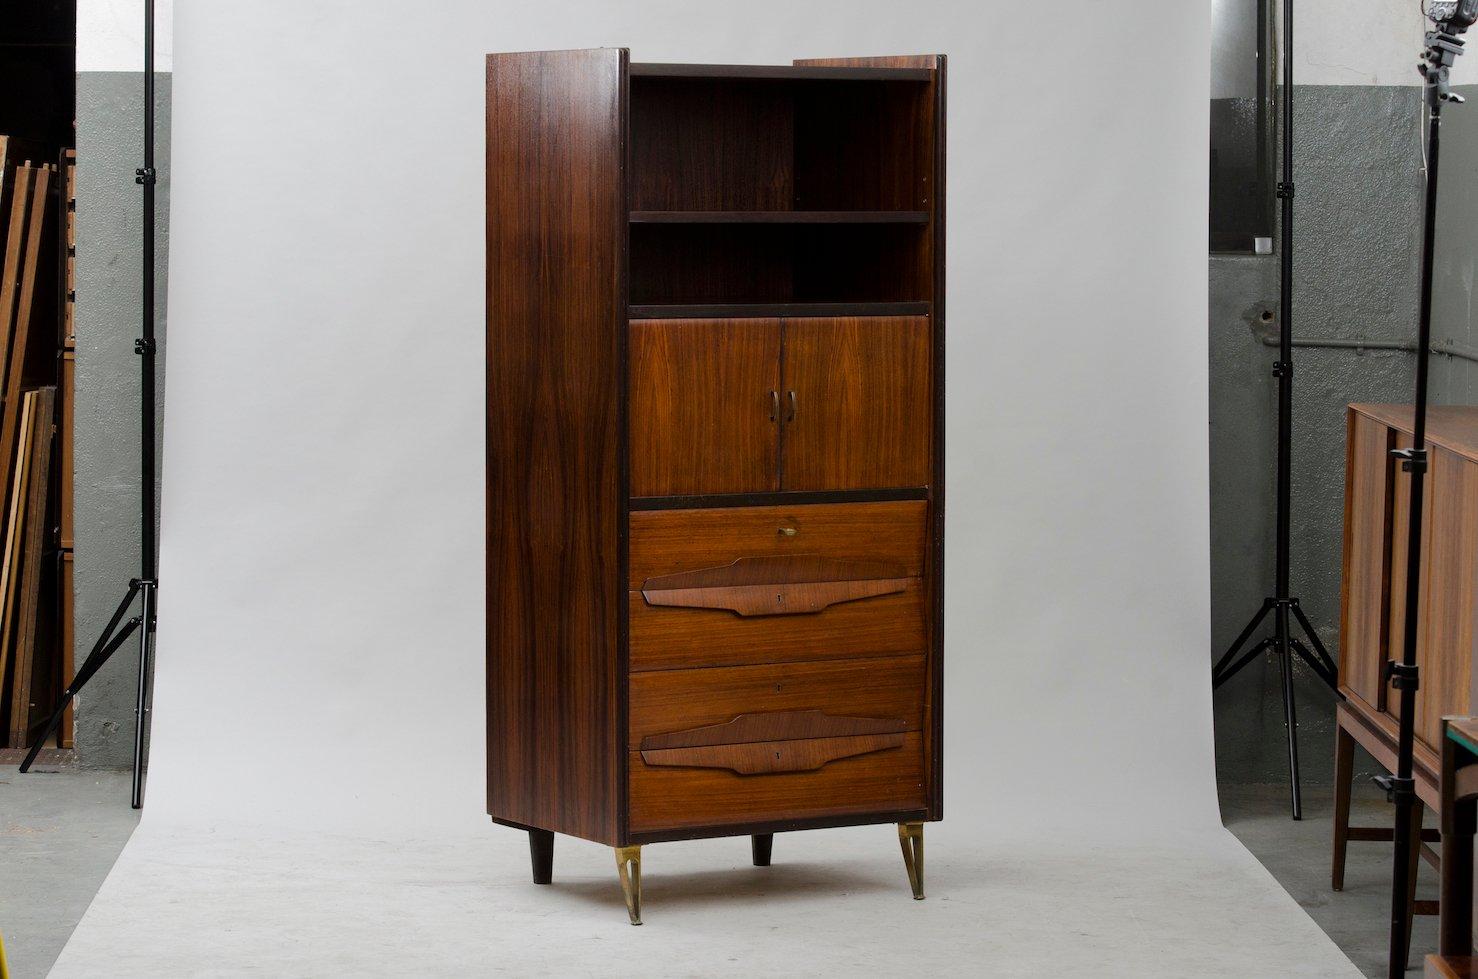 meuble haut vintage italie en vente sur pamono. Black Bedroom Furniture Sets. Home Design Ideas